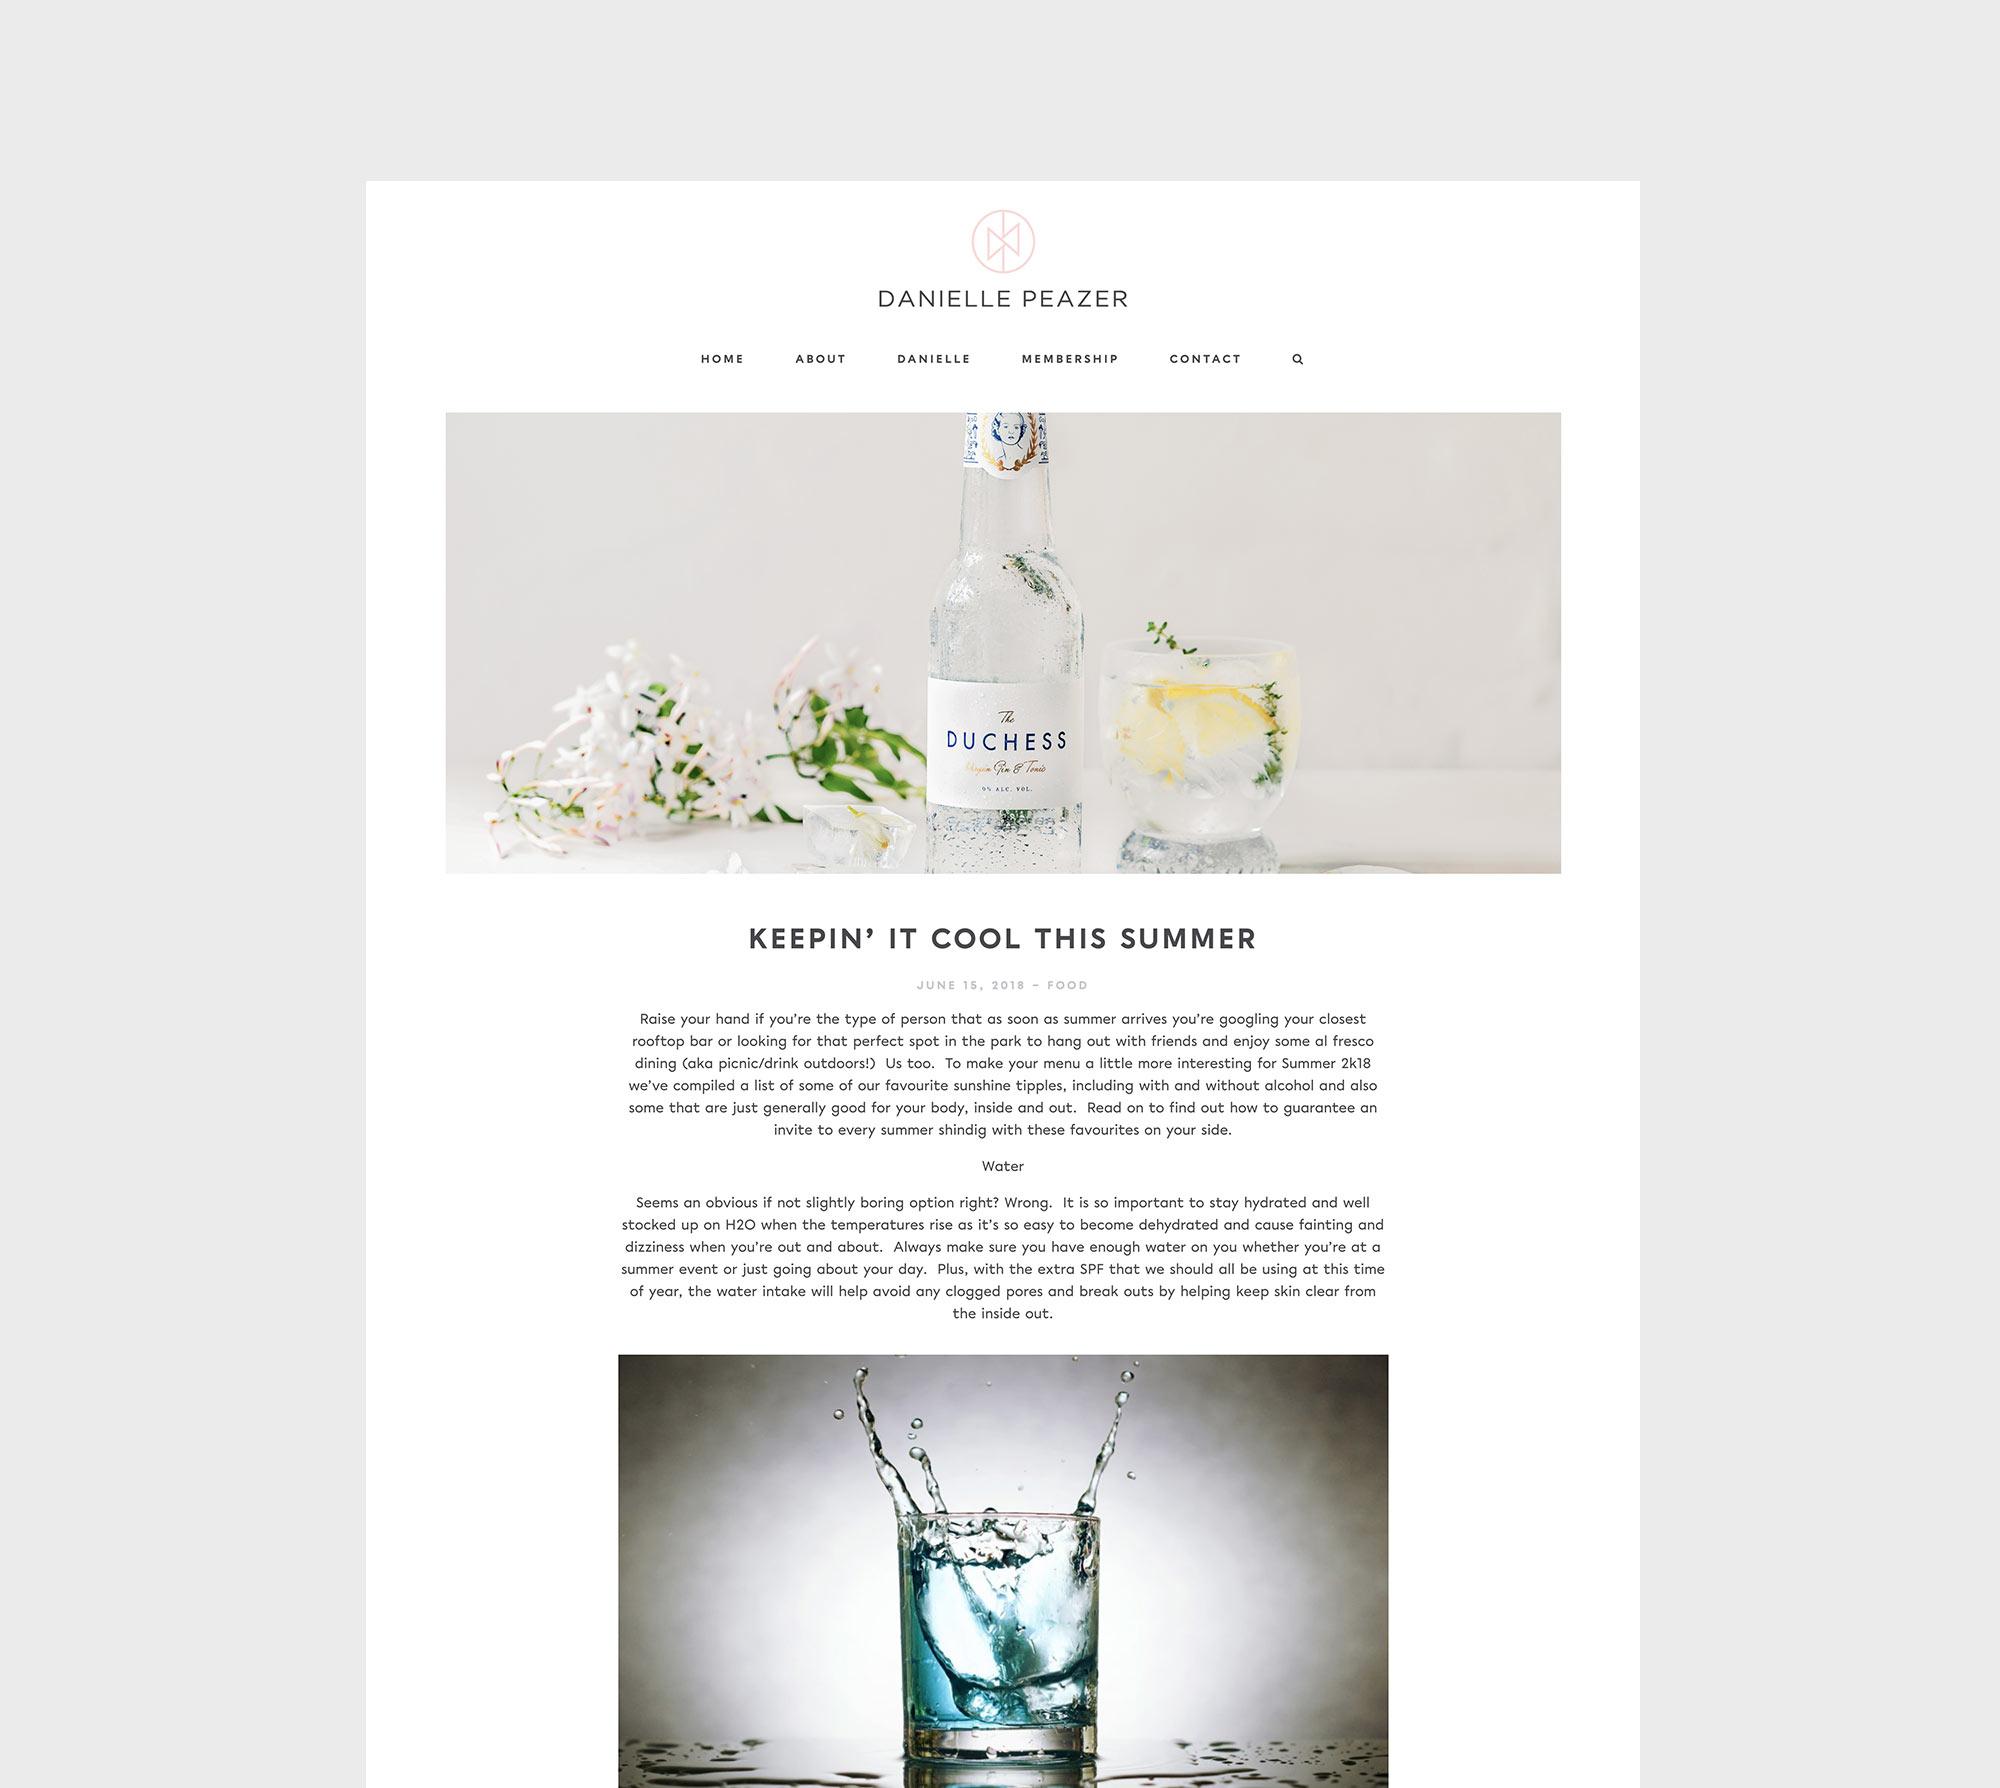 Danielle peazer web design 2